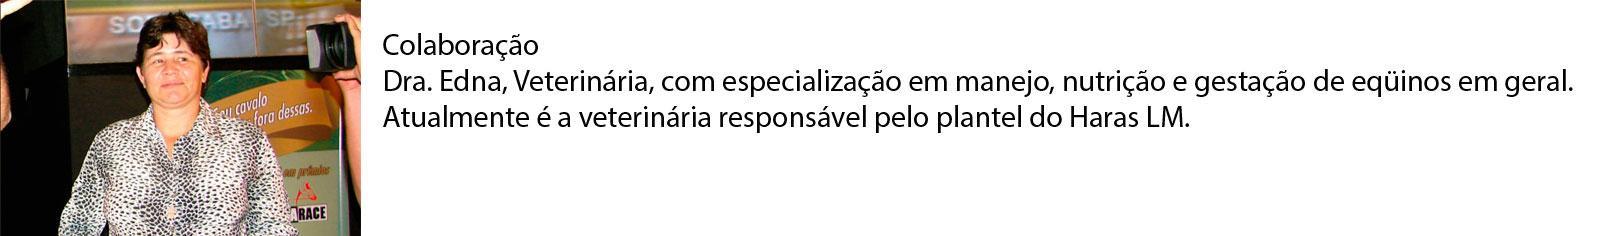 DEPOIS DA PRENHEZ, CUIDAR É PRECISO...